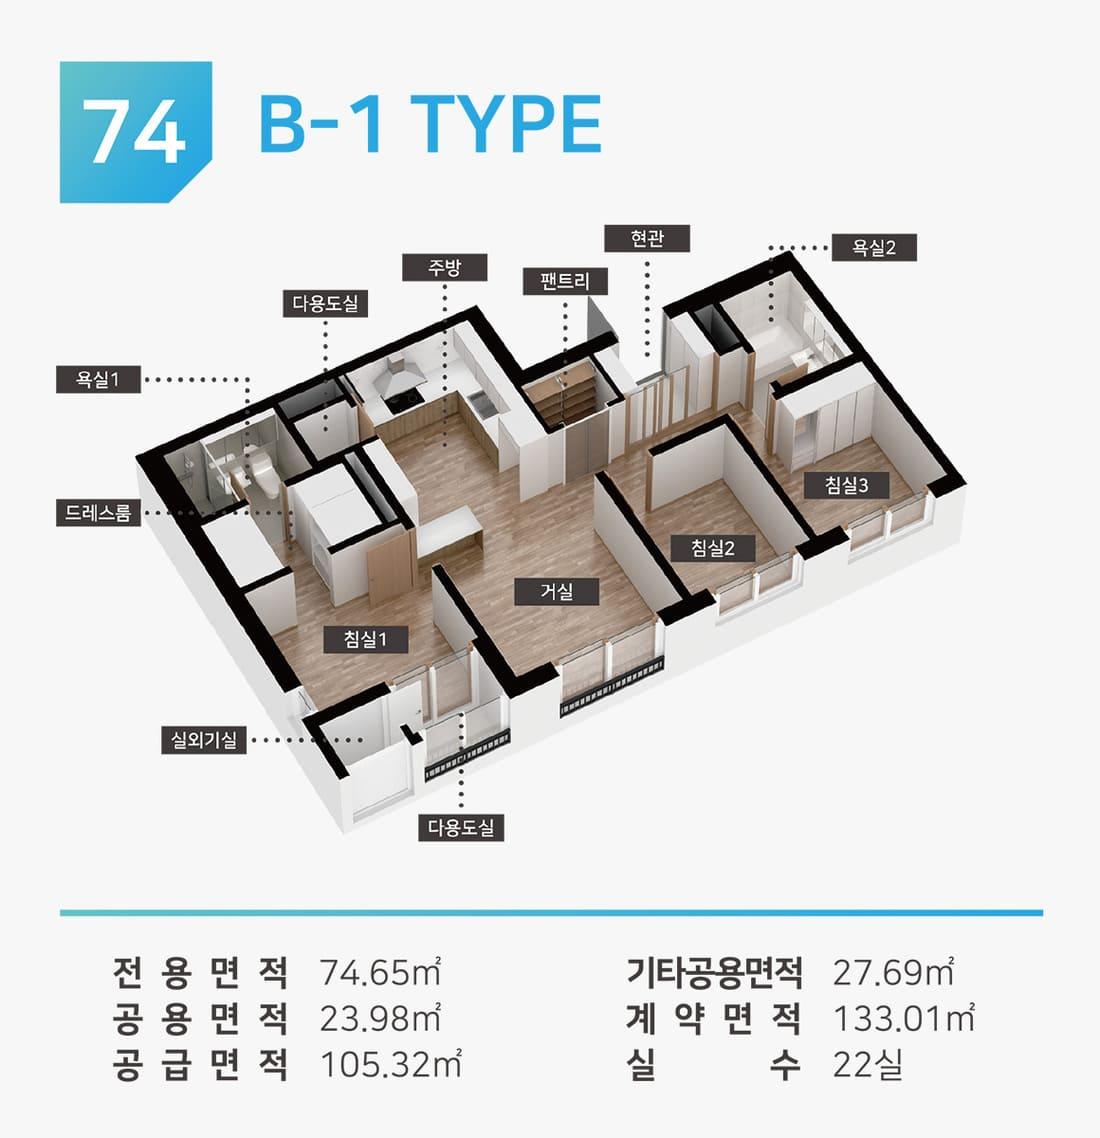 인천논현아리스타-74B1